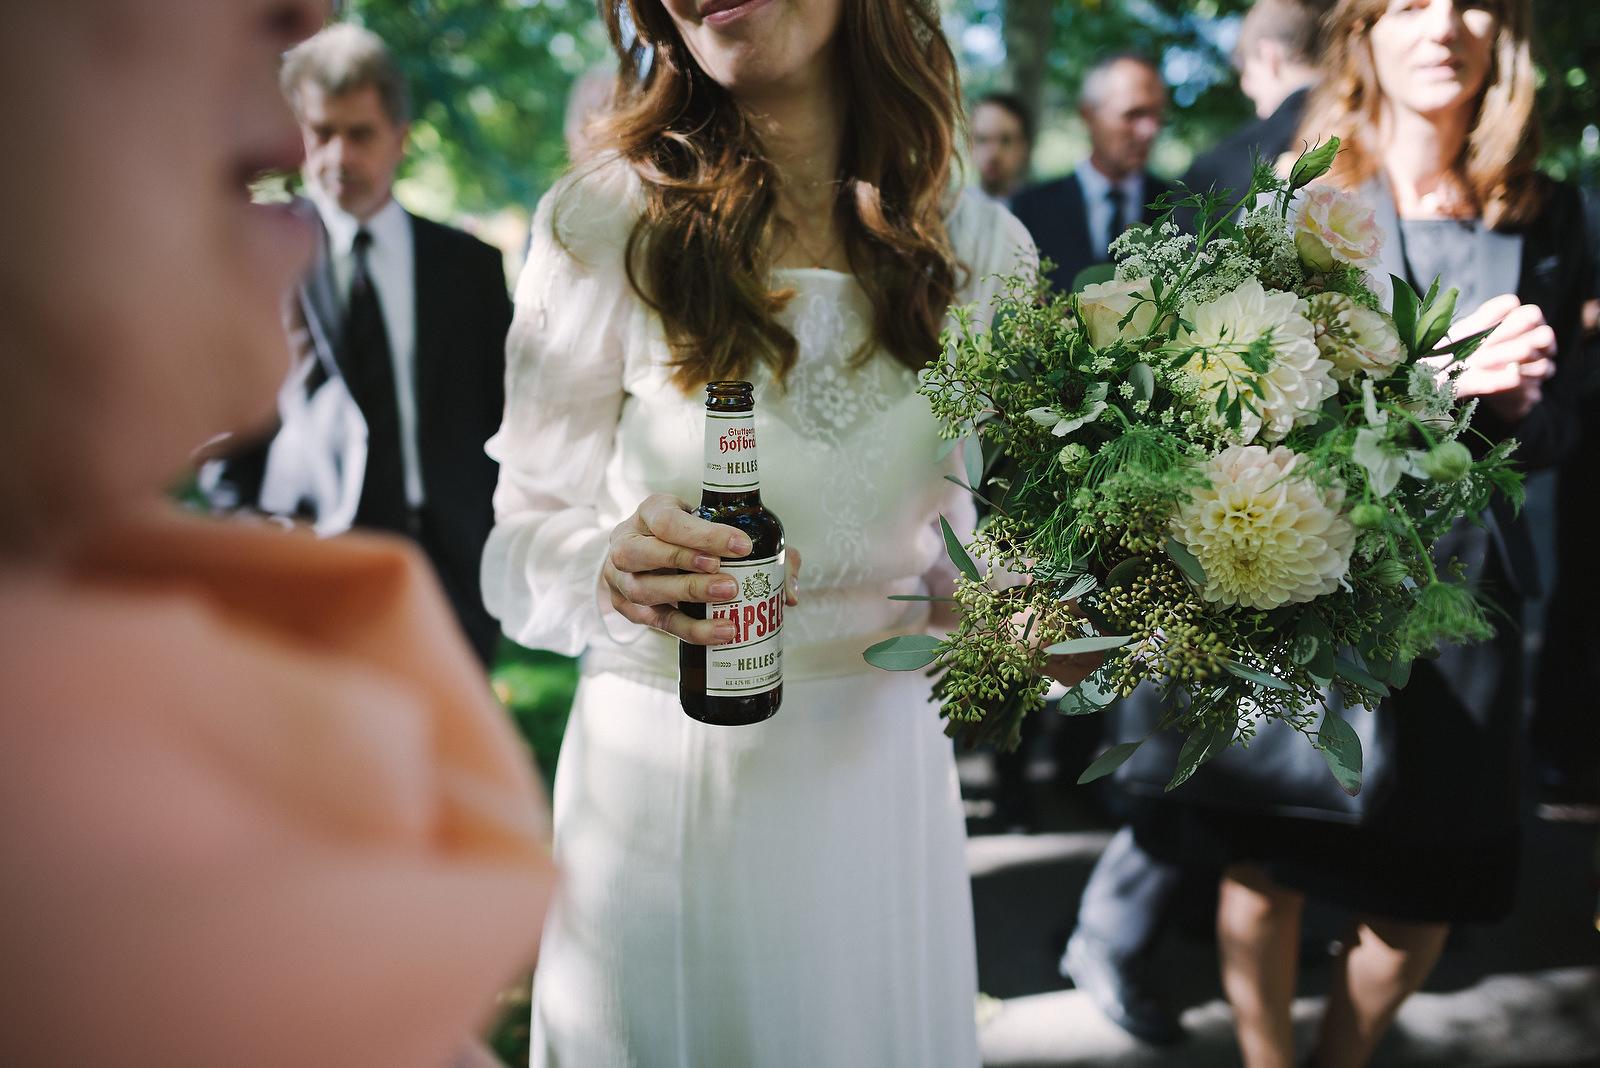 Fotograf Konstanz - Hochzeitsfotograf Stuttgart Esslingen Hochzeit 29 - Wedding with moorish ambience in the Wilhelma in Stuttgart  - 29 -